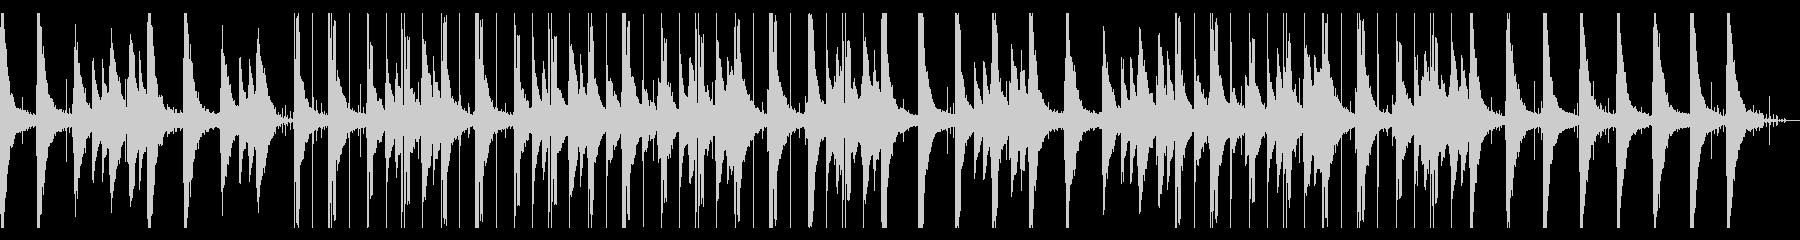 ギターソロのローファイヒップホップの未再生の波形